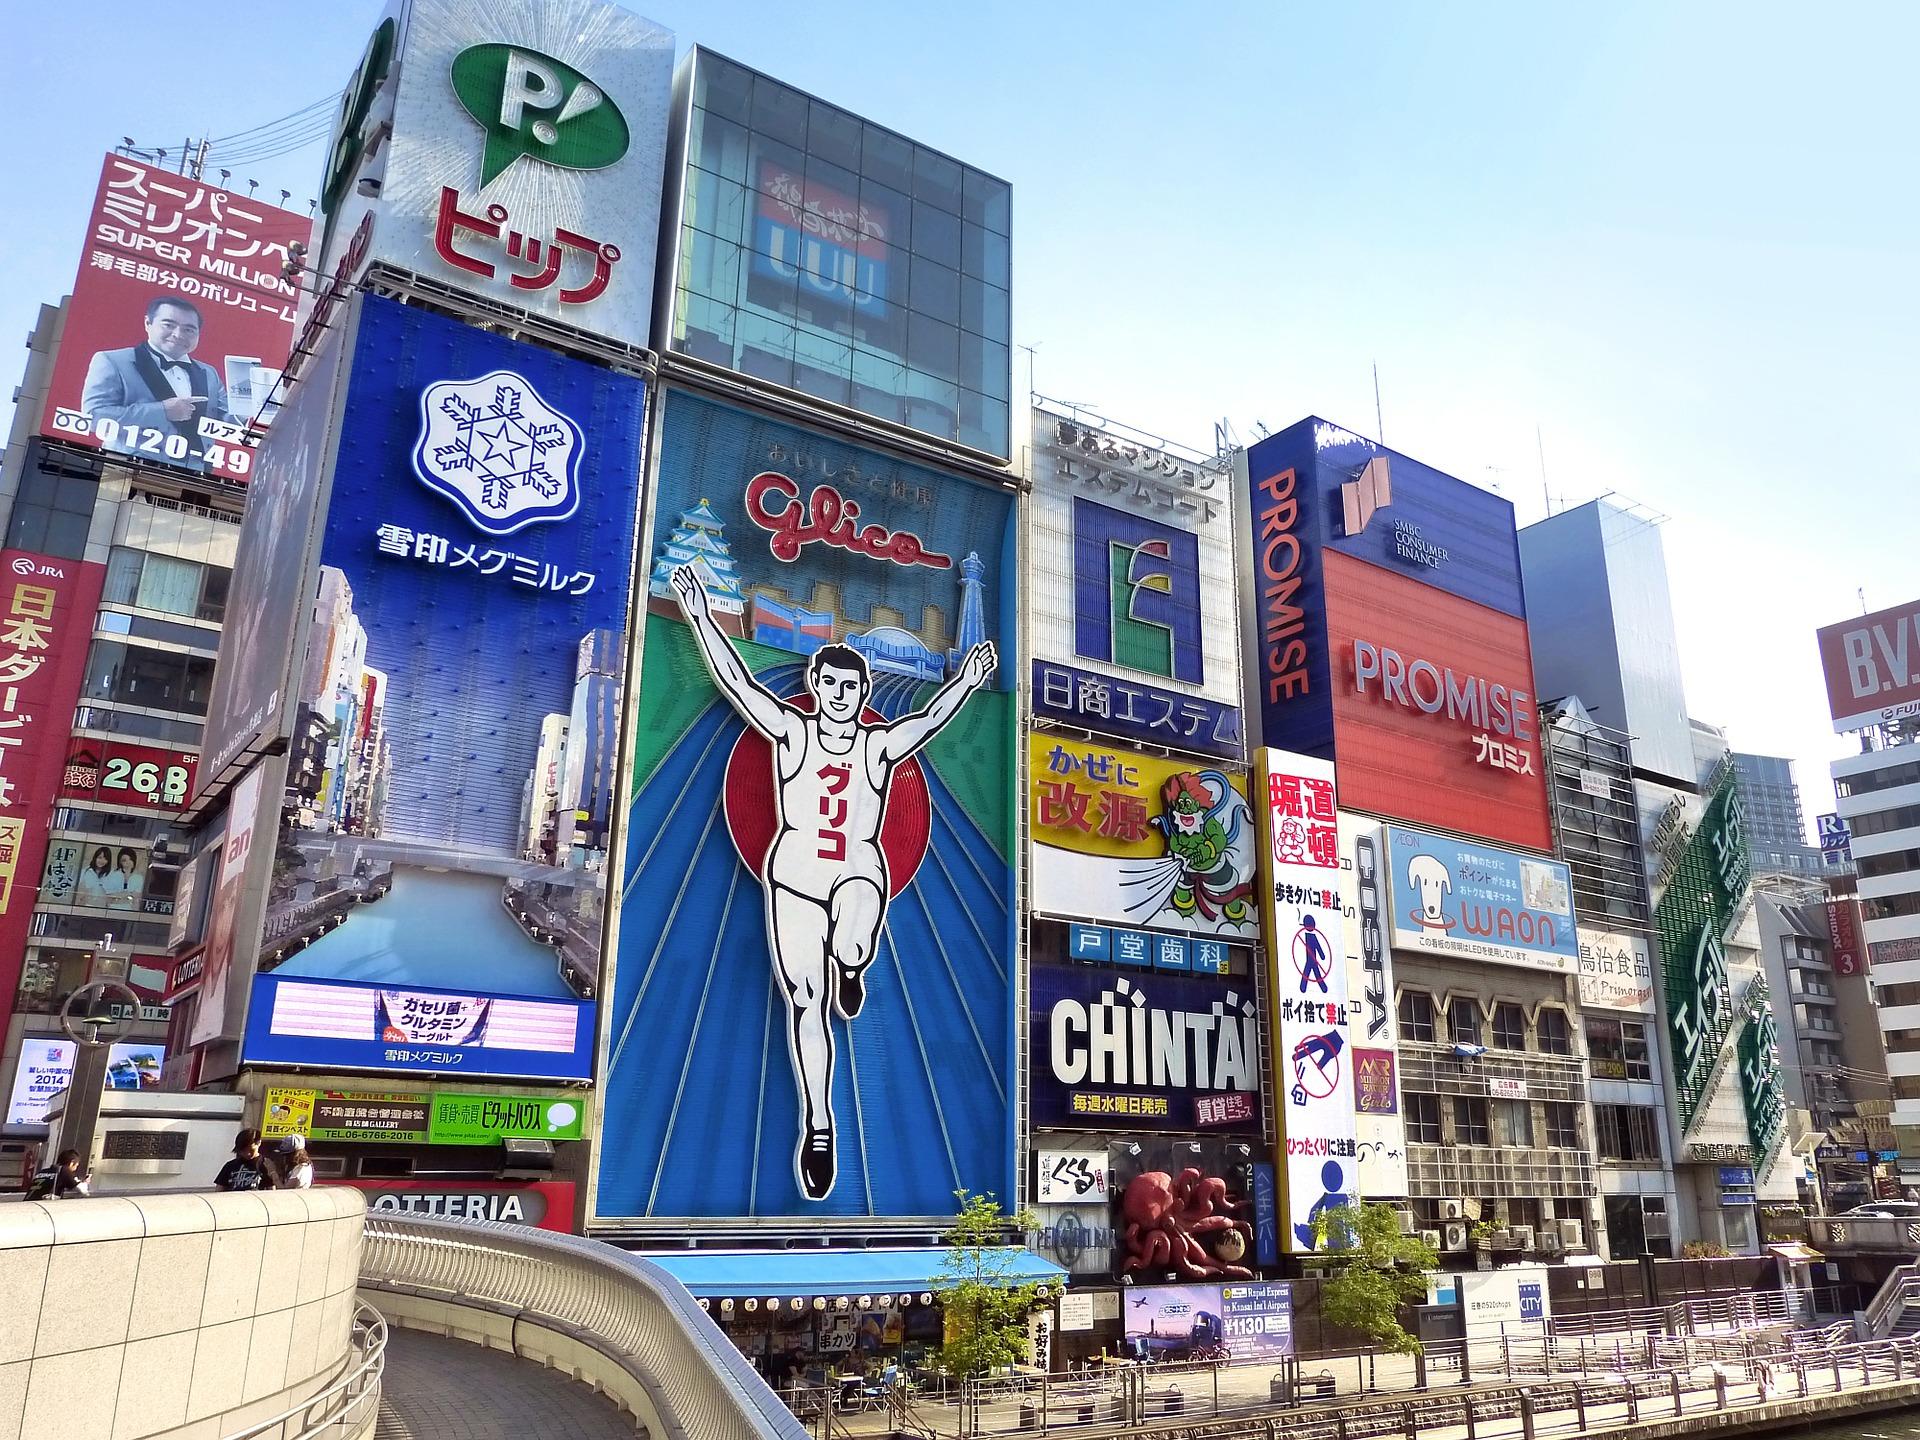 【大阪で工場の仕事に転職】ハローワーク?転職サイト?オススメの転職方法は何?